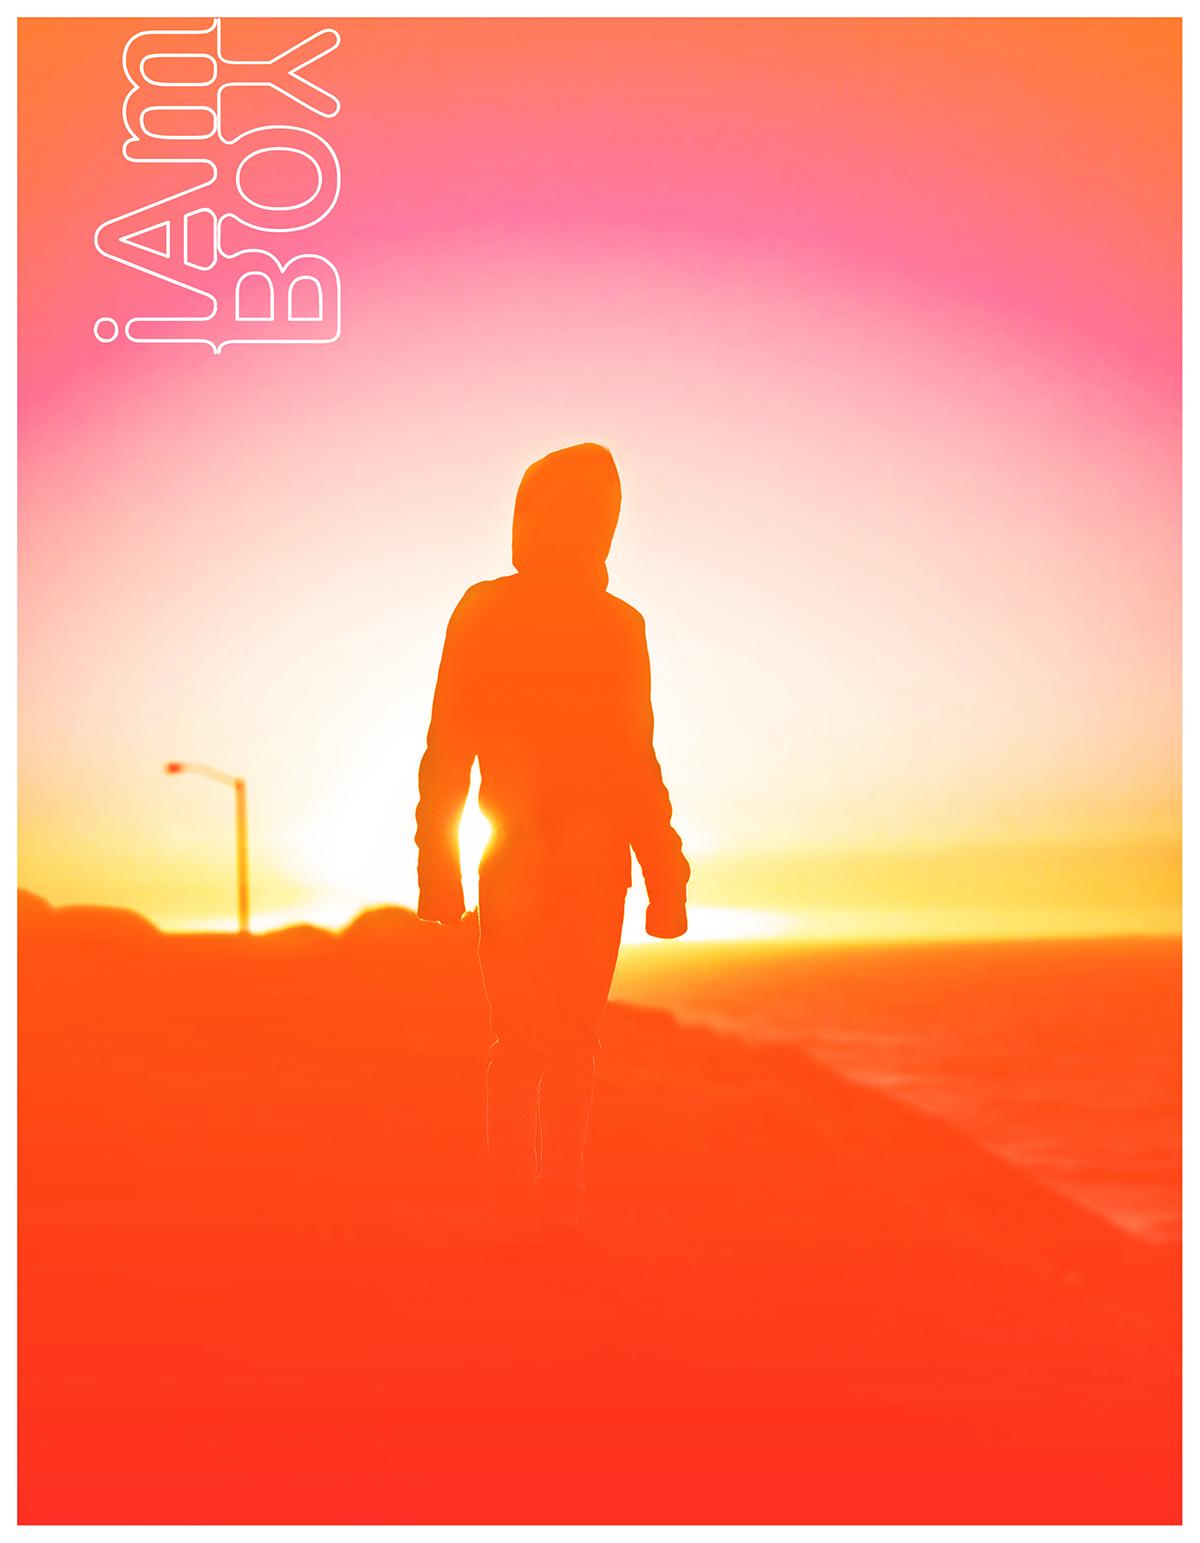 art Magazine Covers magazines design digital design